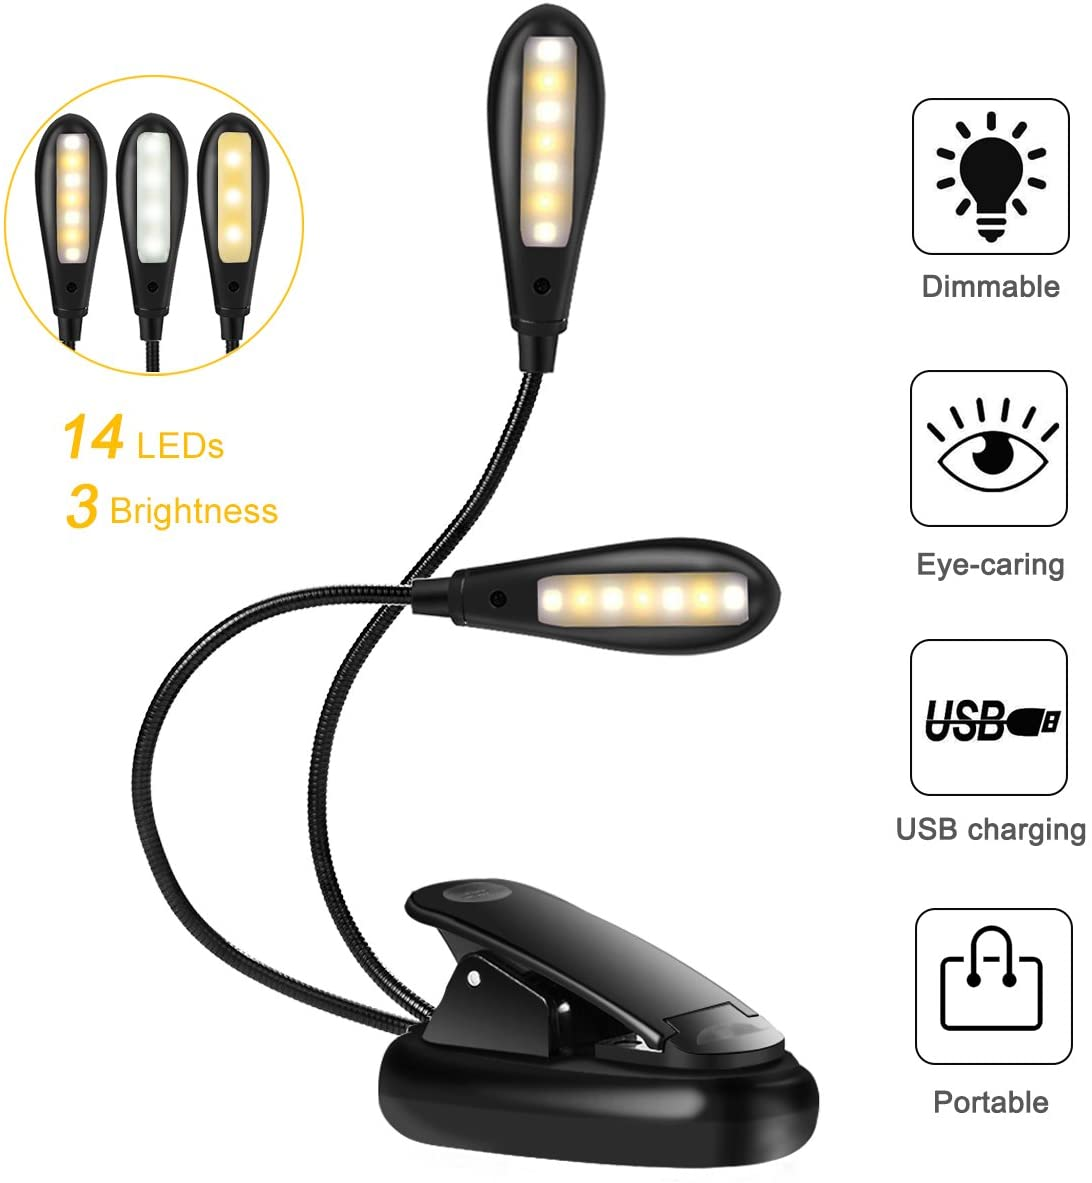 Luce per Lettura 14 LED 9 Livelli Luminosità Modalità, Luce Libro USB Ricaricabile Dual Head, Lampada da Lettura con Clip, Luce Leggio Dimmerabile Portatile per Lettura, Computer, Escursionismo